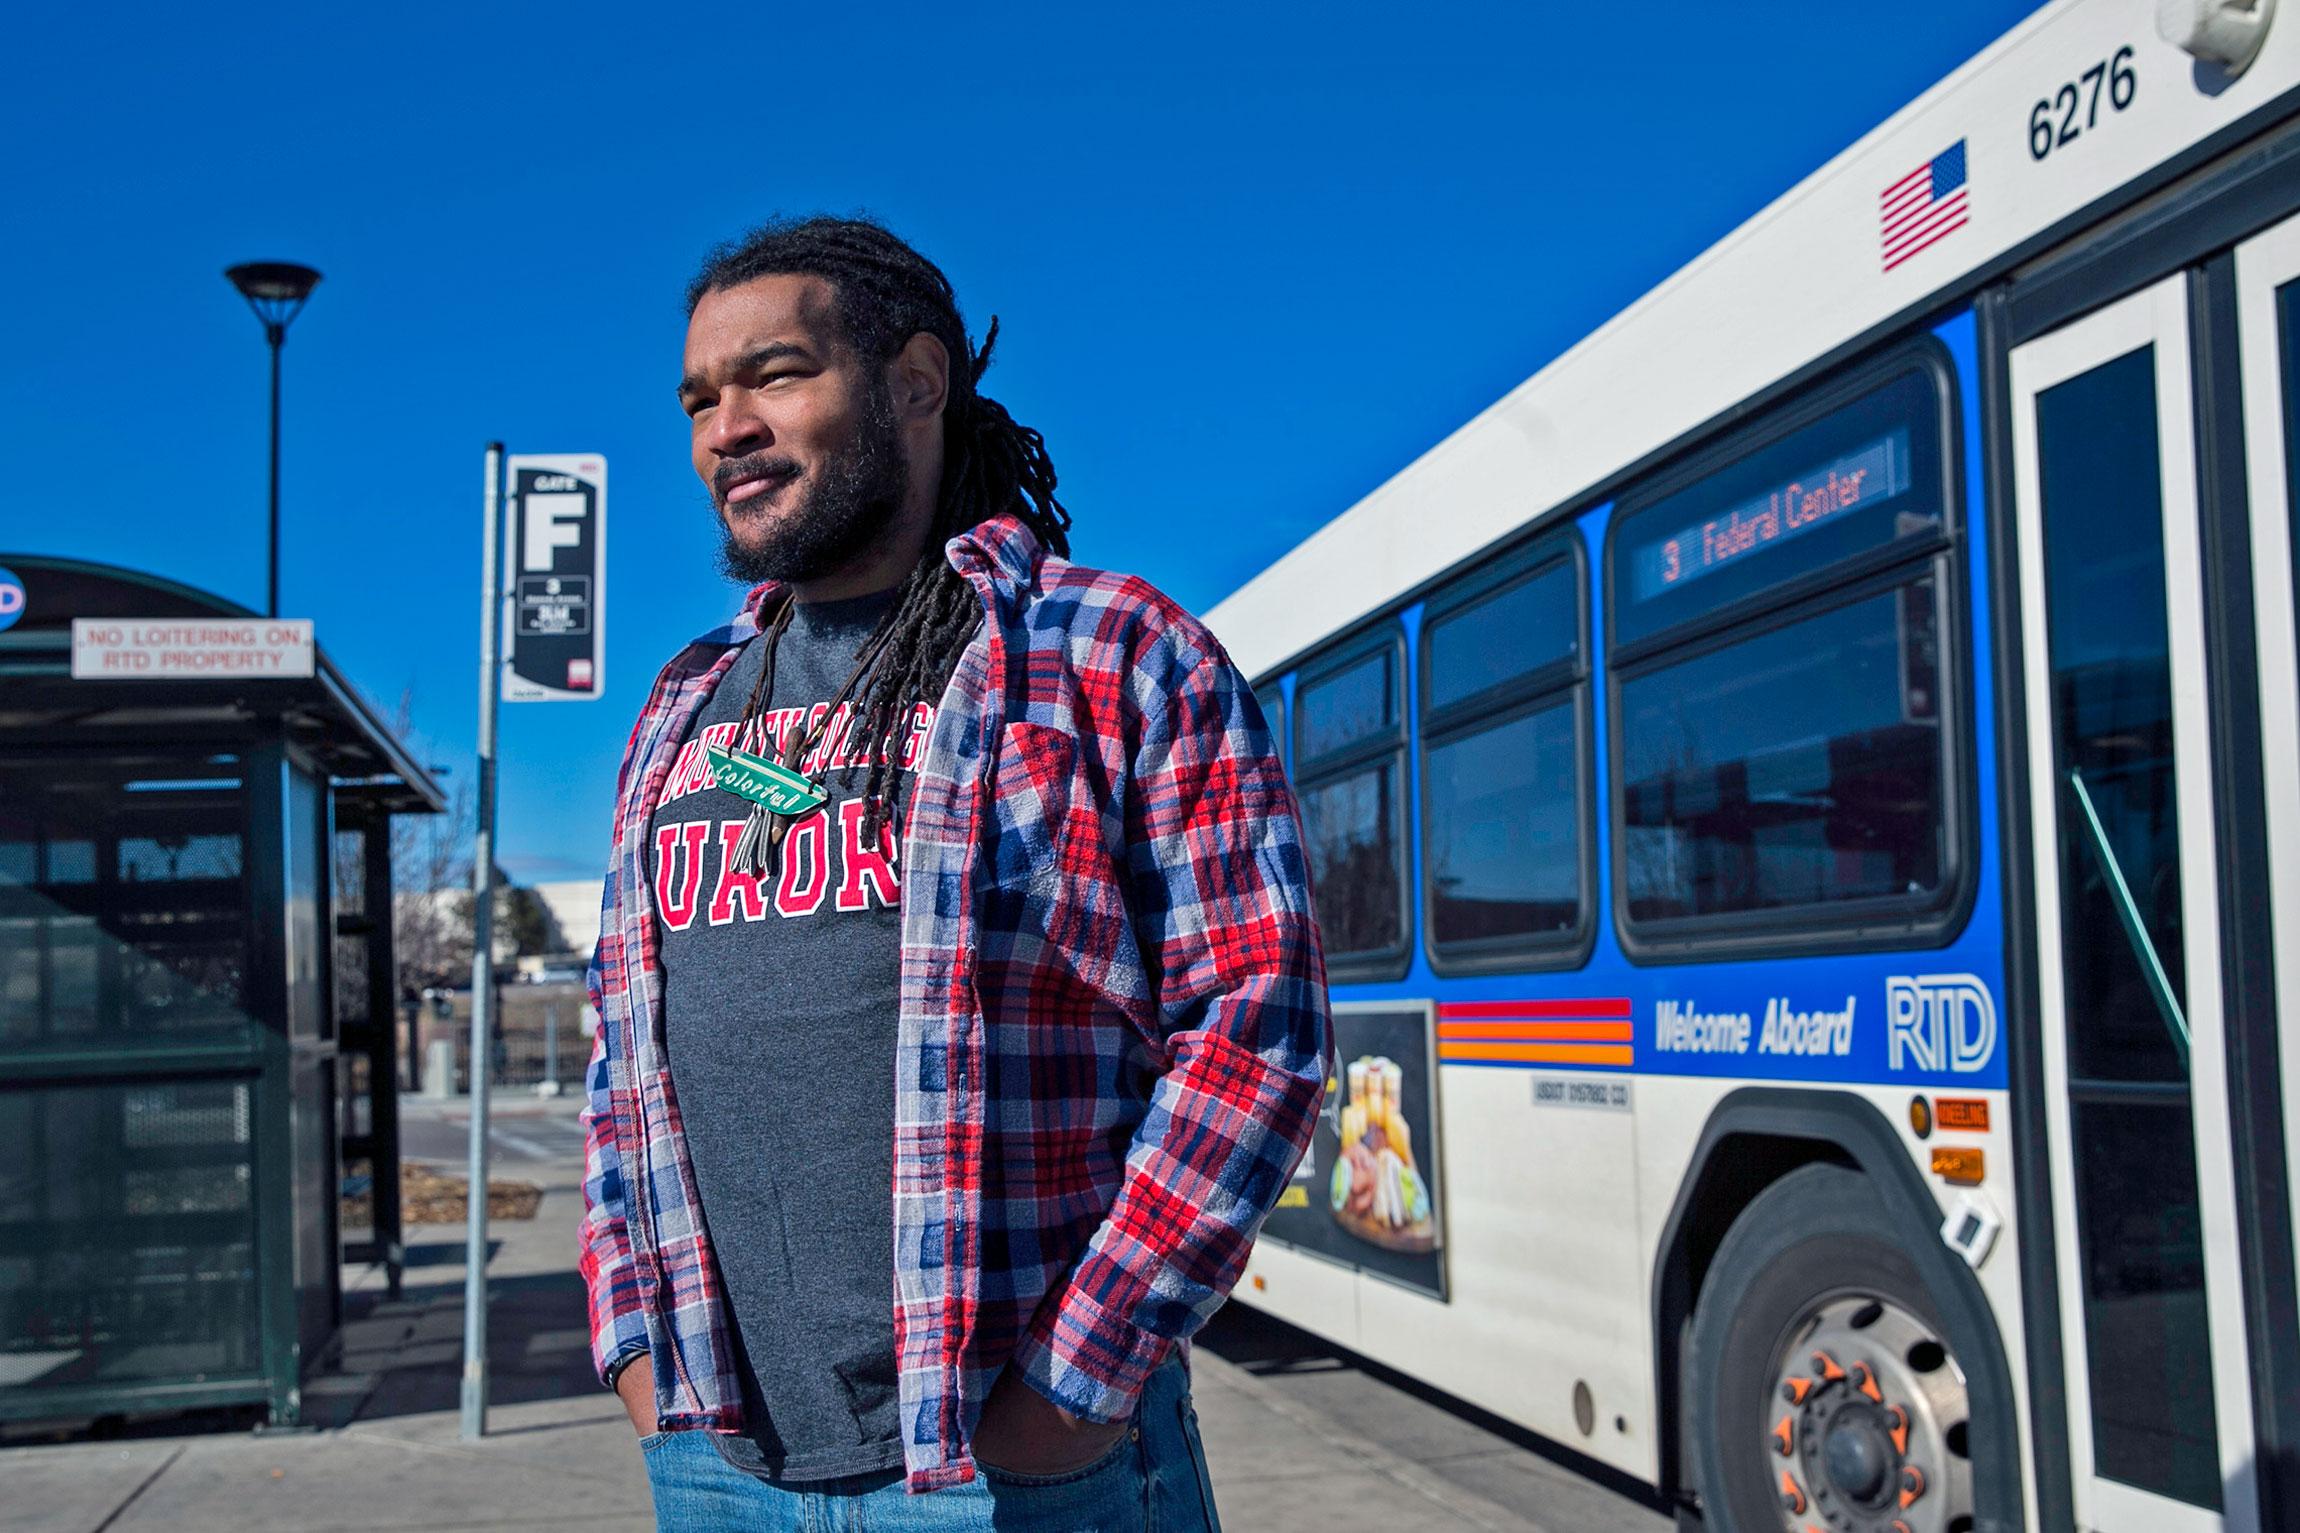 Photo: Javon Mays Poet Laureate Exit 1 | Javon and 15L Bus - CJones